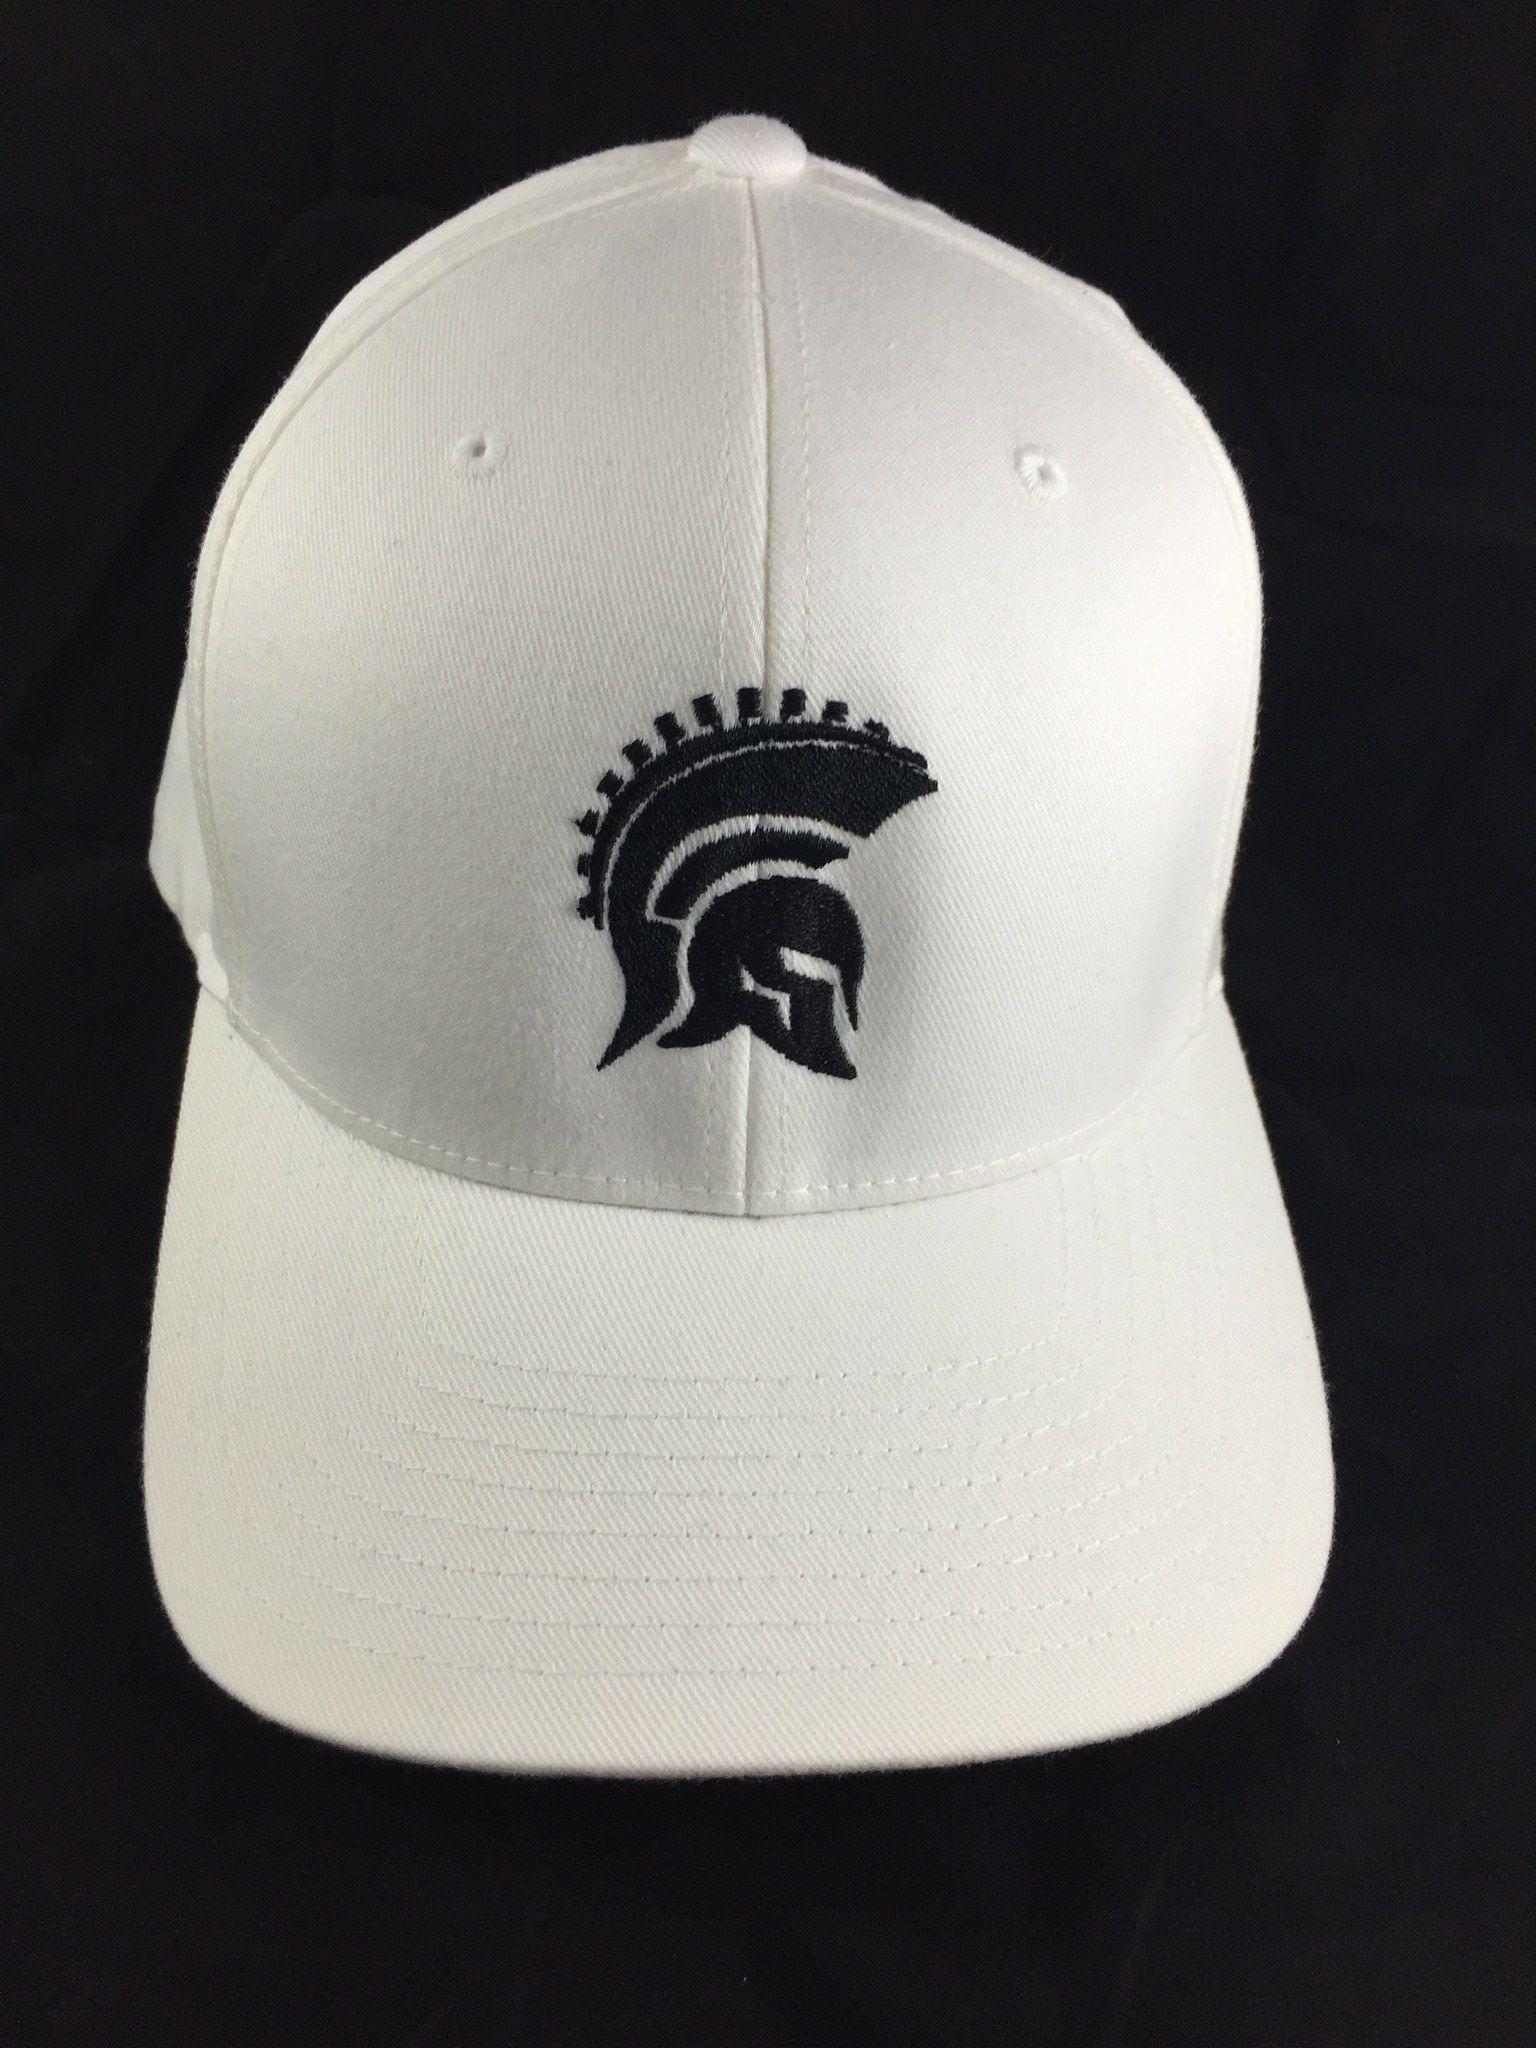 8425e5ad6ff White Spartan Ball Cap